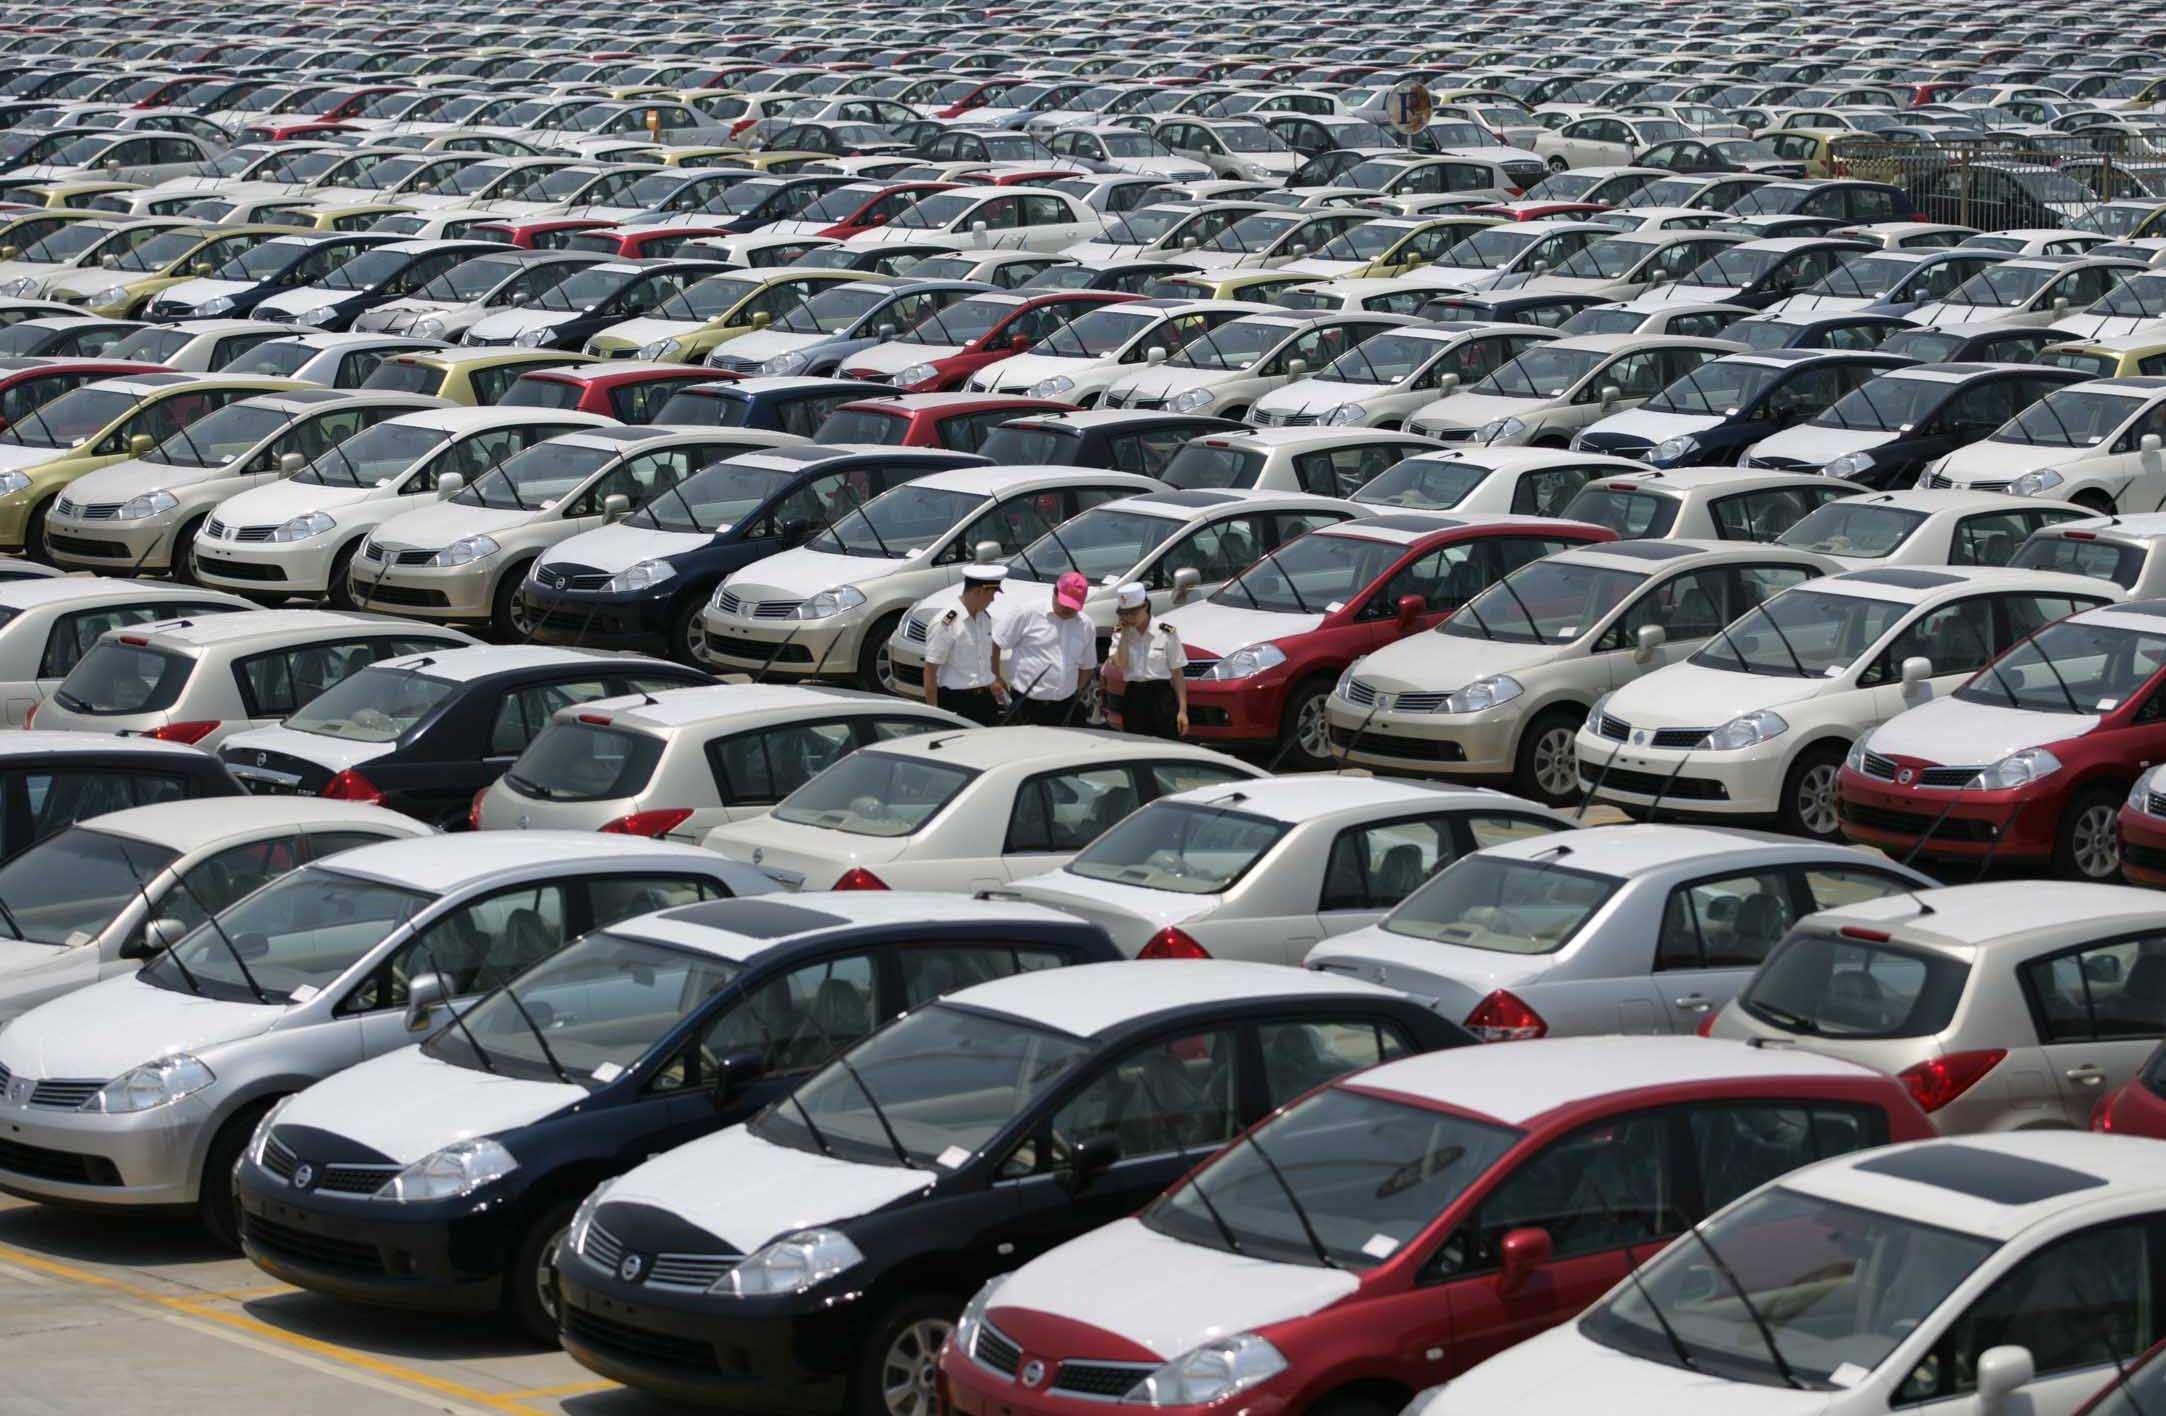 全球车市告急 美、日汽车销量下滑严重